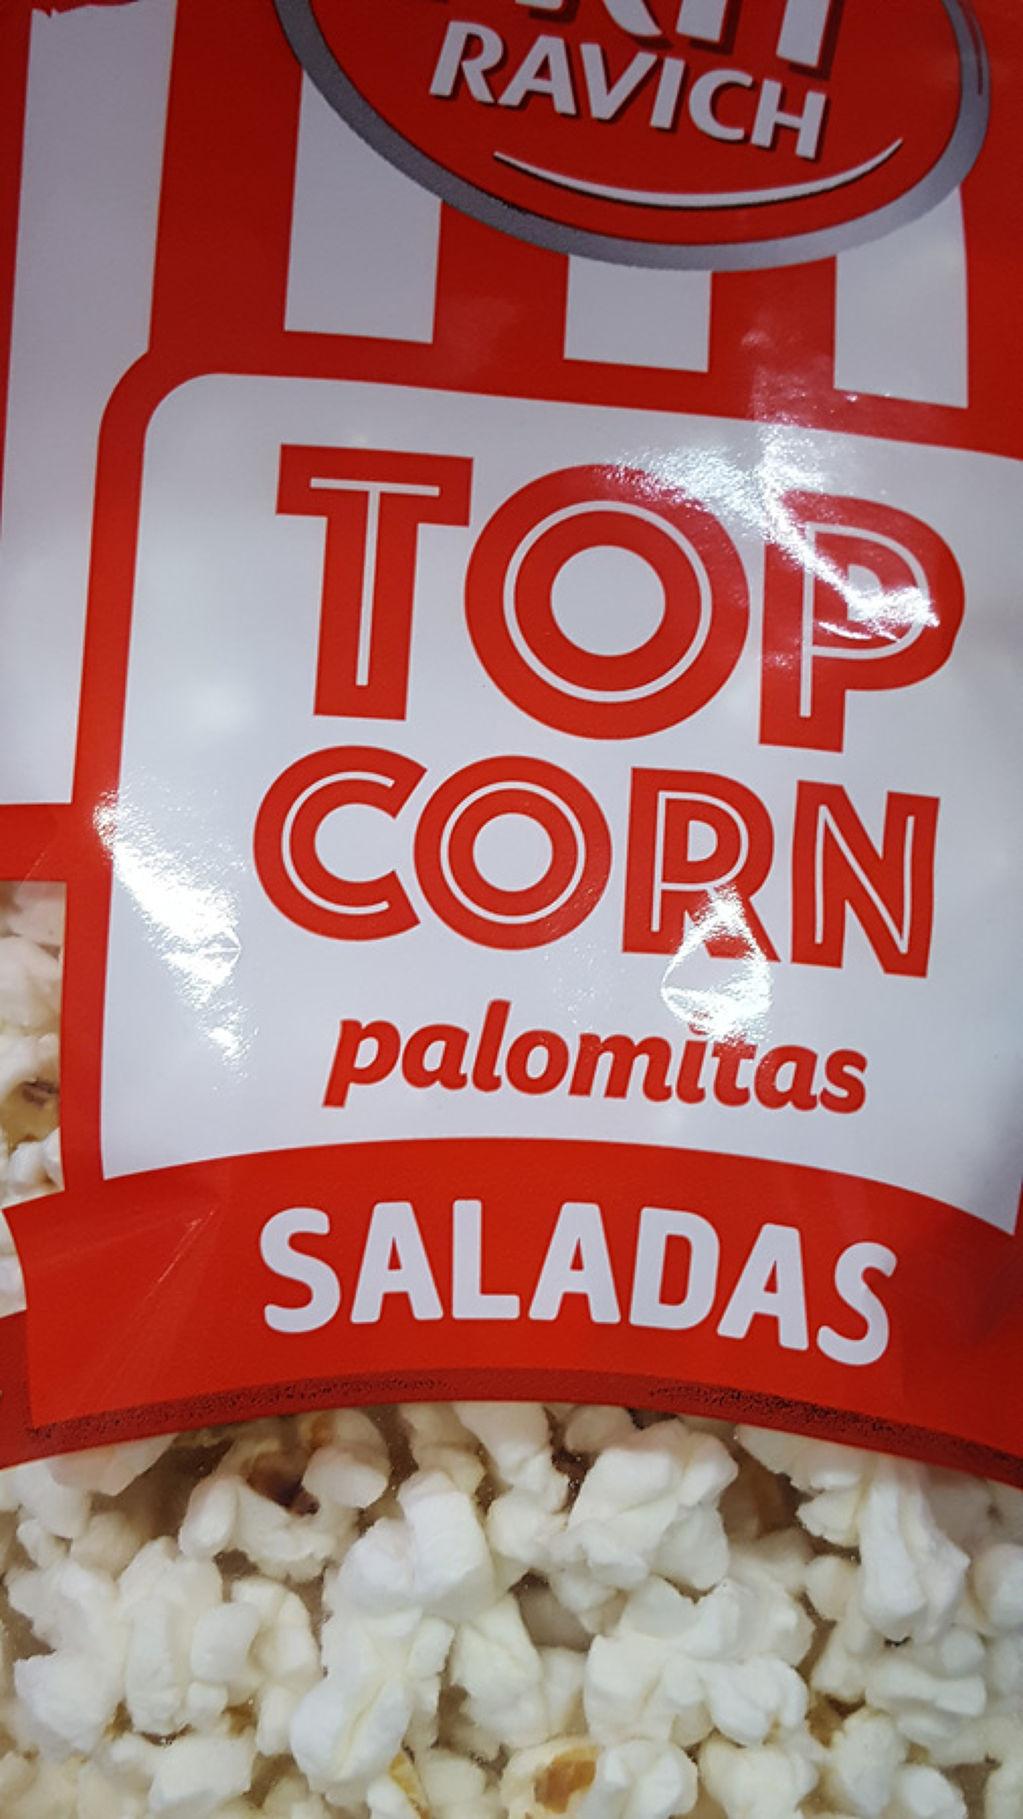 Palomitas Top corn - e326b-20200509_083253.jpg